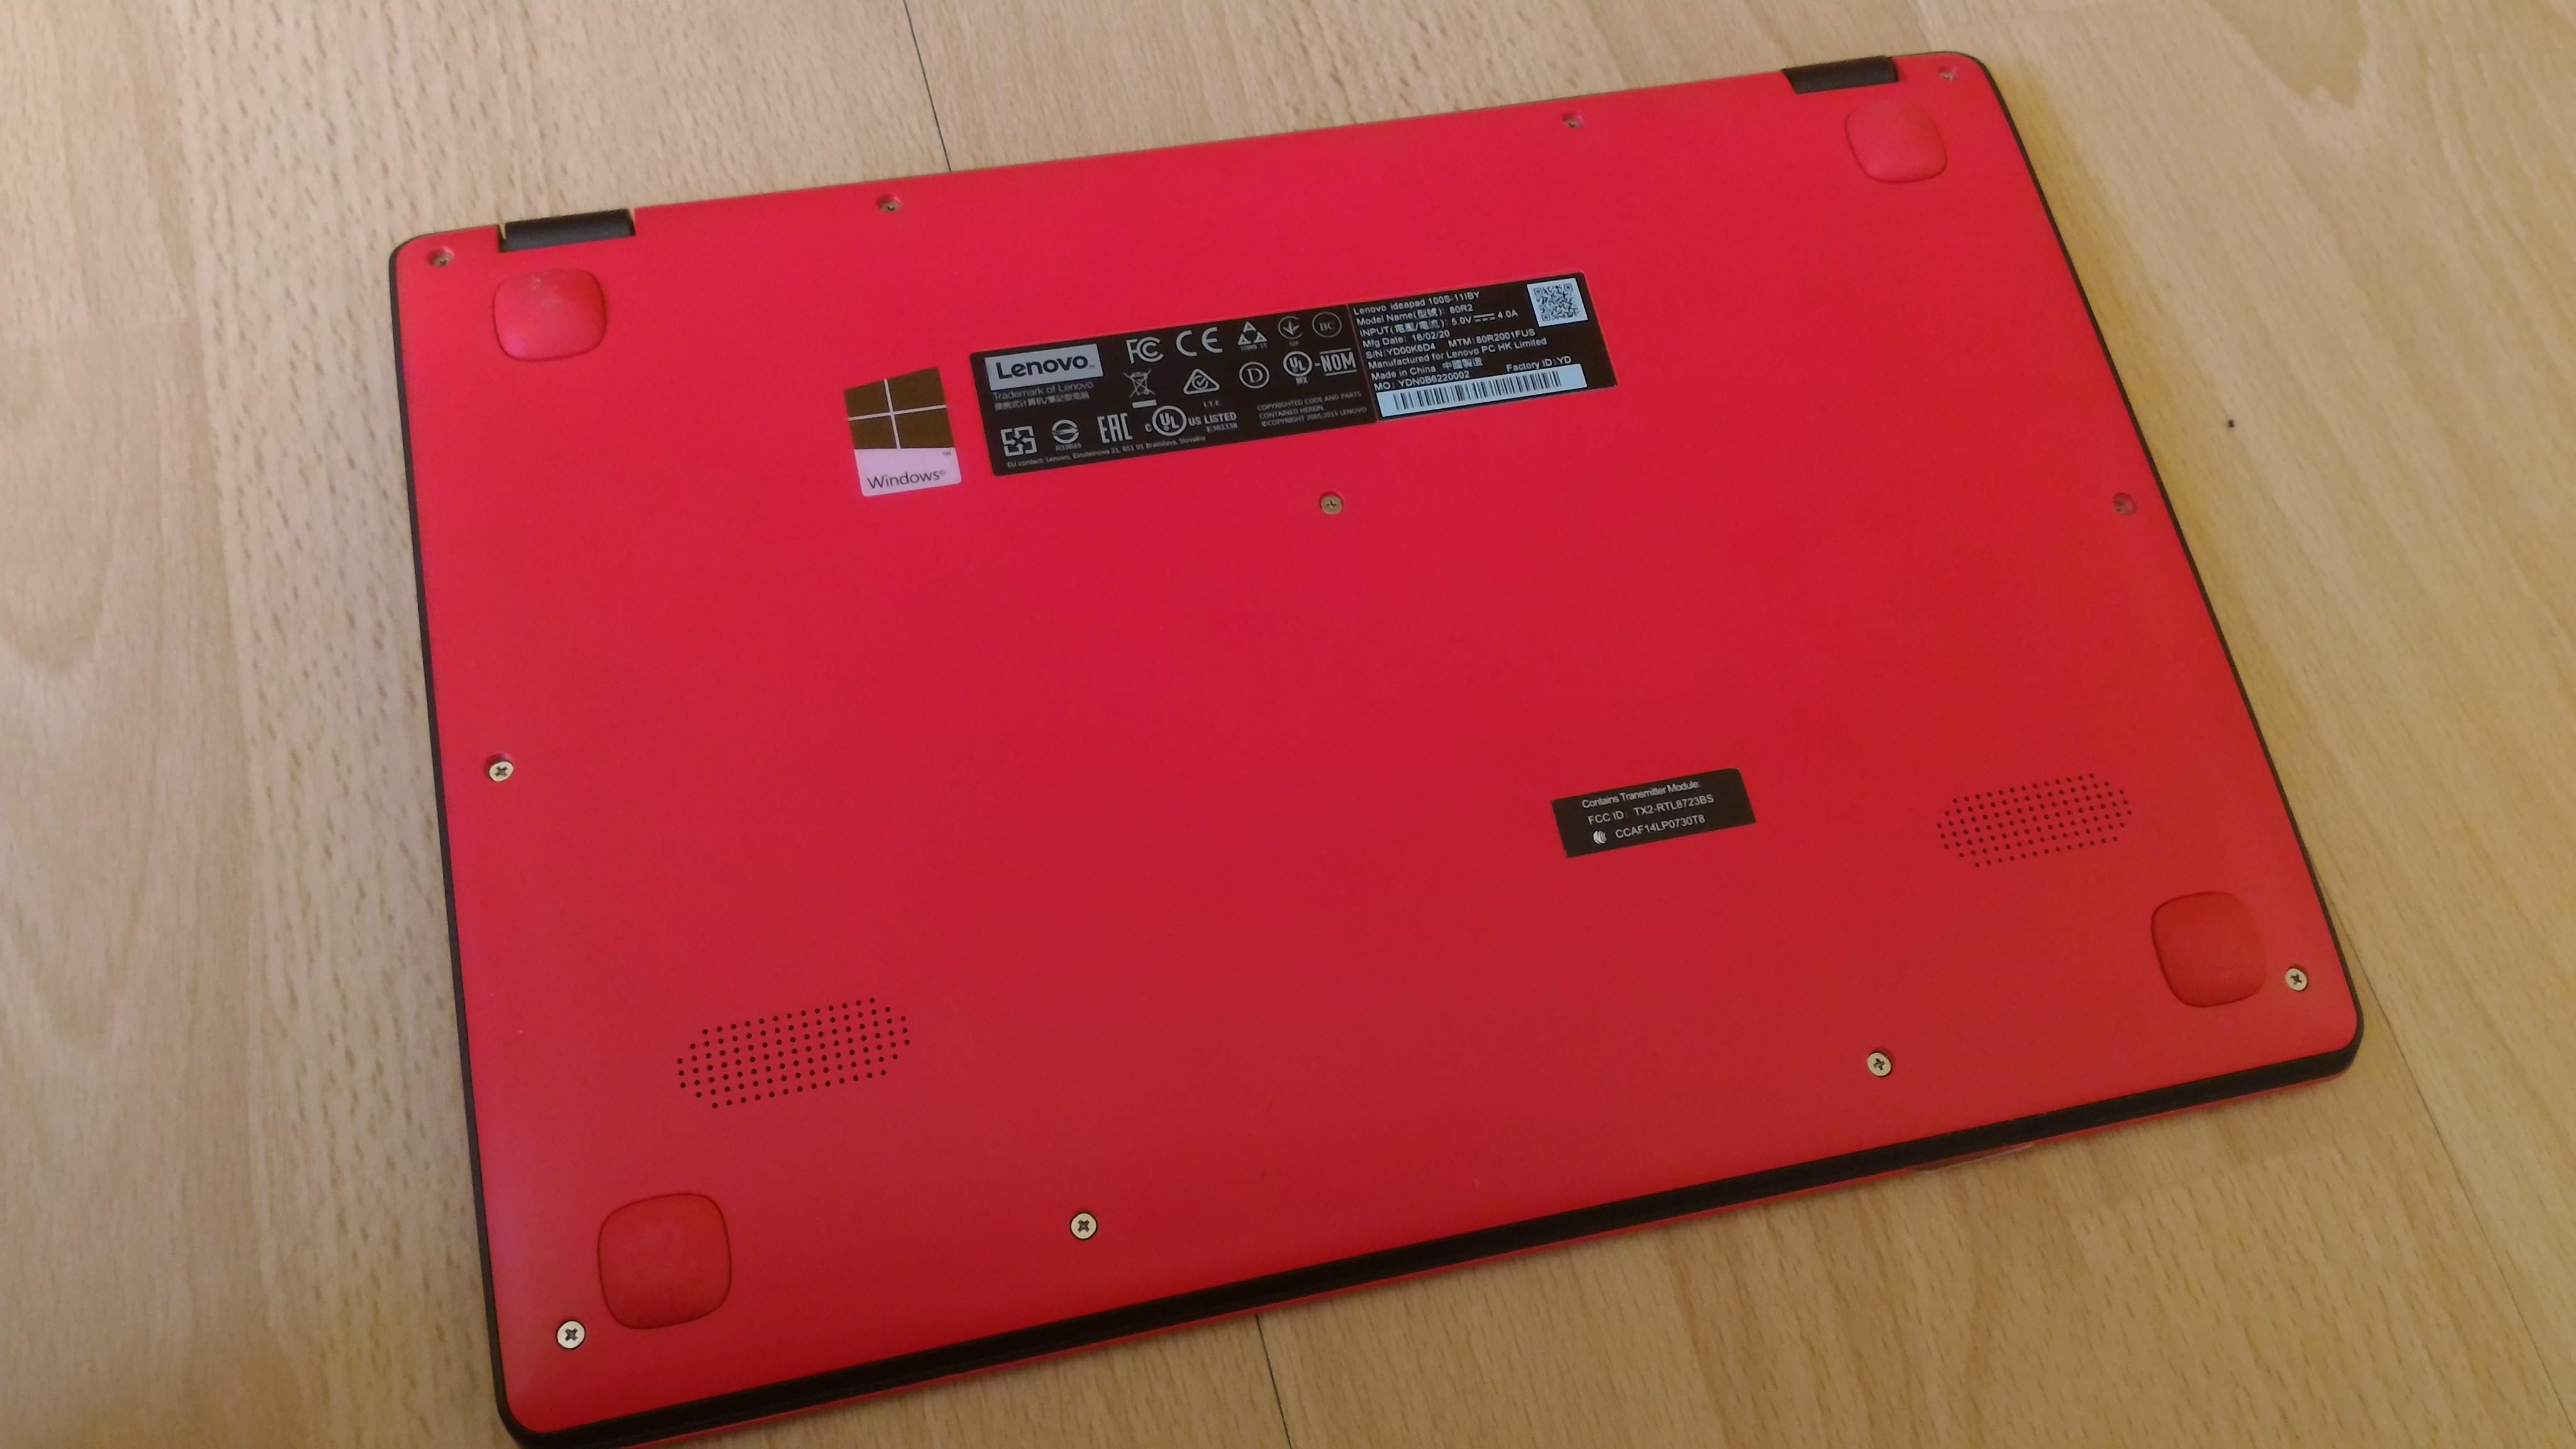 be977c040921 A billentyűzet gyakorlatilag sehol sem hajlik nyomásra, a gombok Lenovo  laptopokra jelemző módon járnak, teljesen jó a gépelési élmény. Ehhez  kellenek a ...